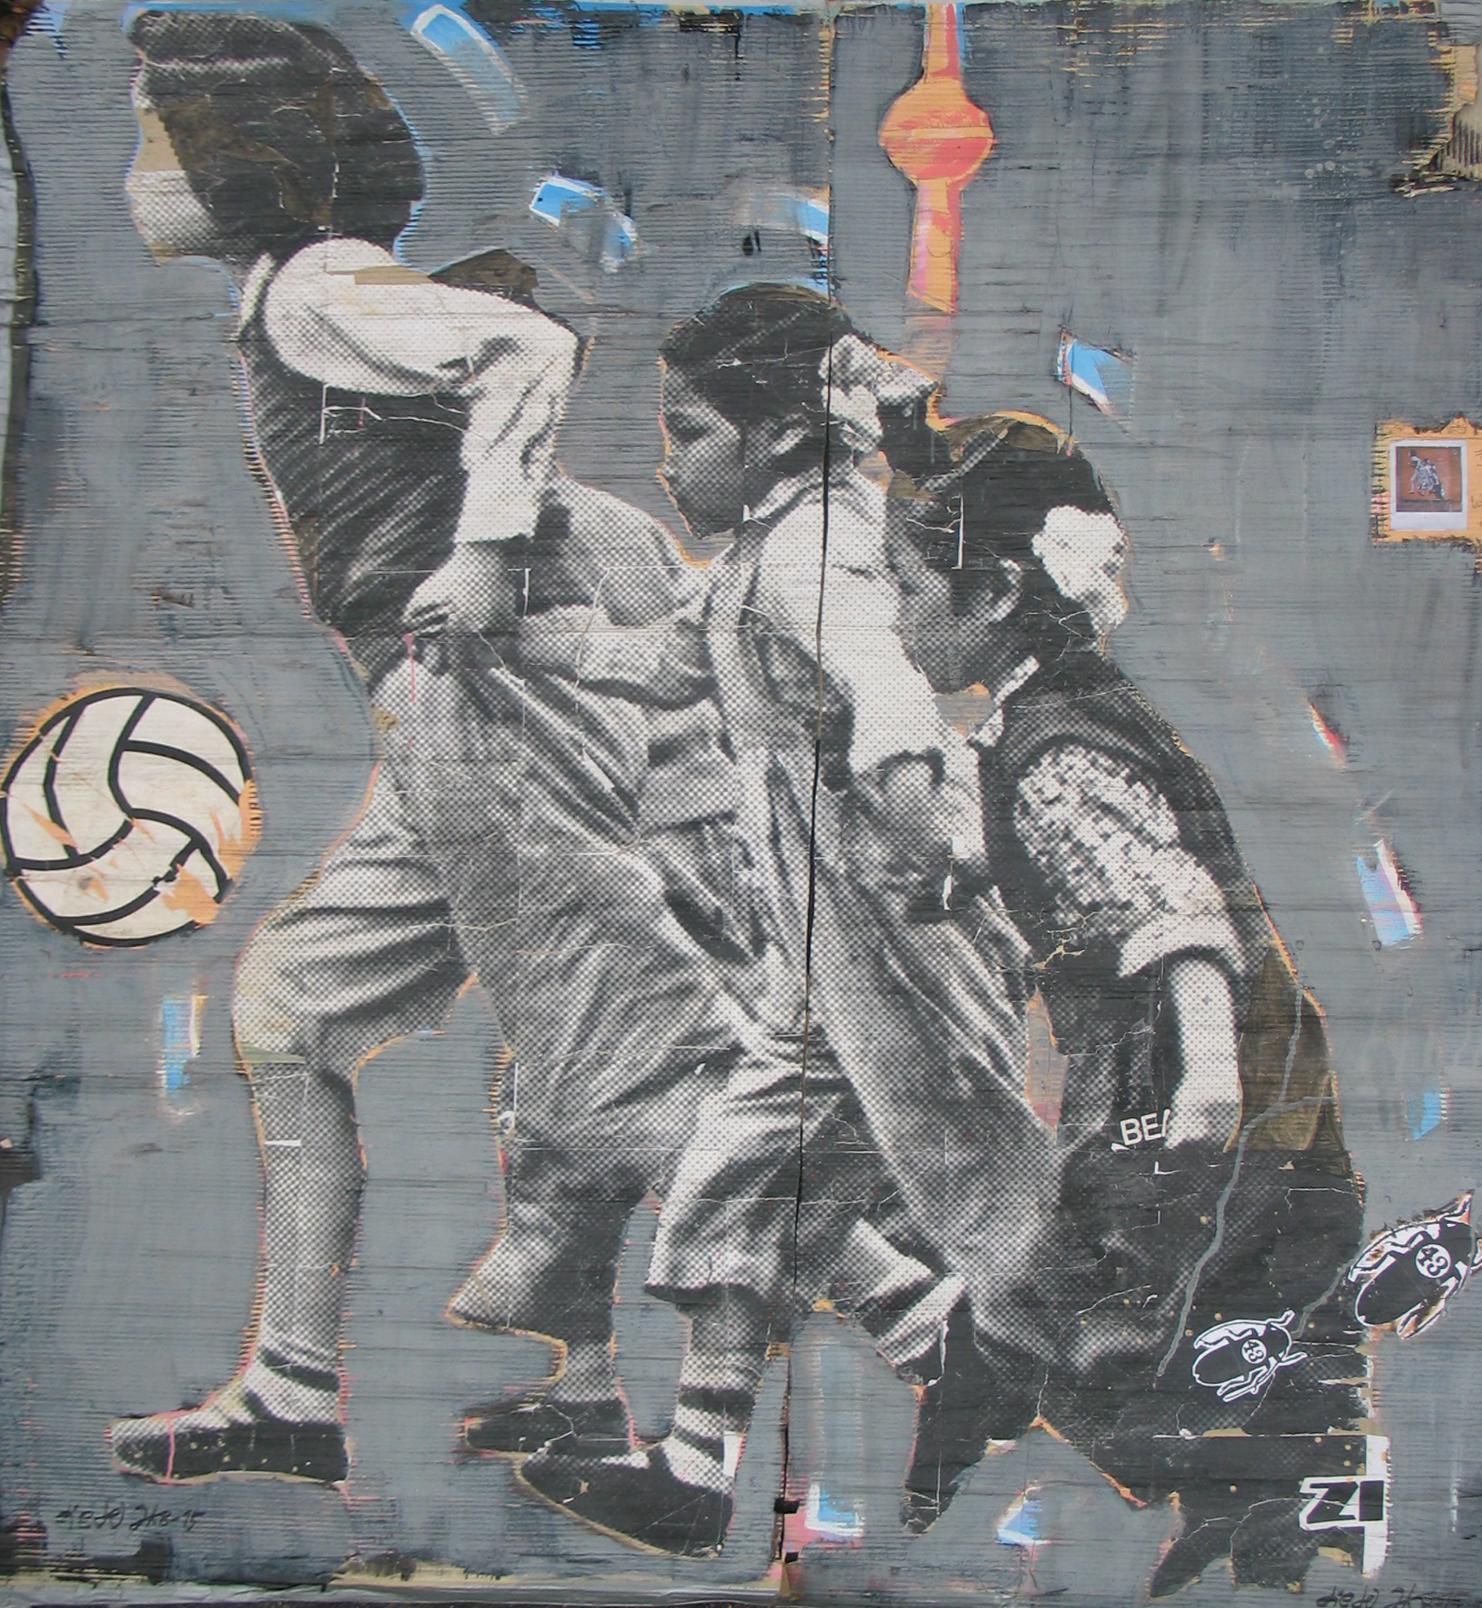 streetart berlin running